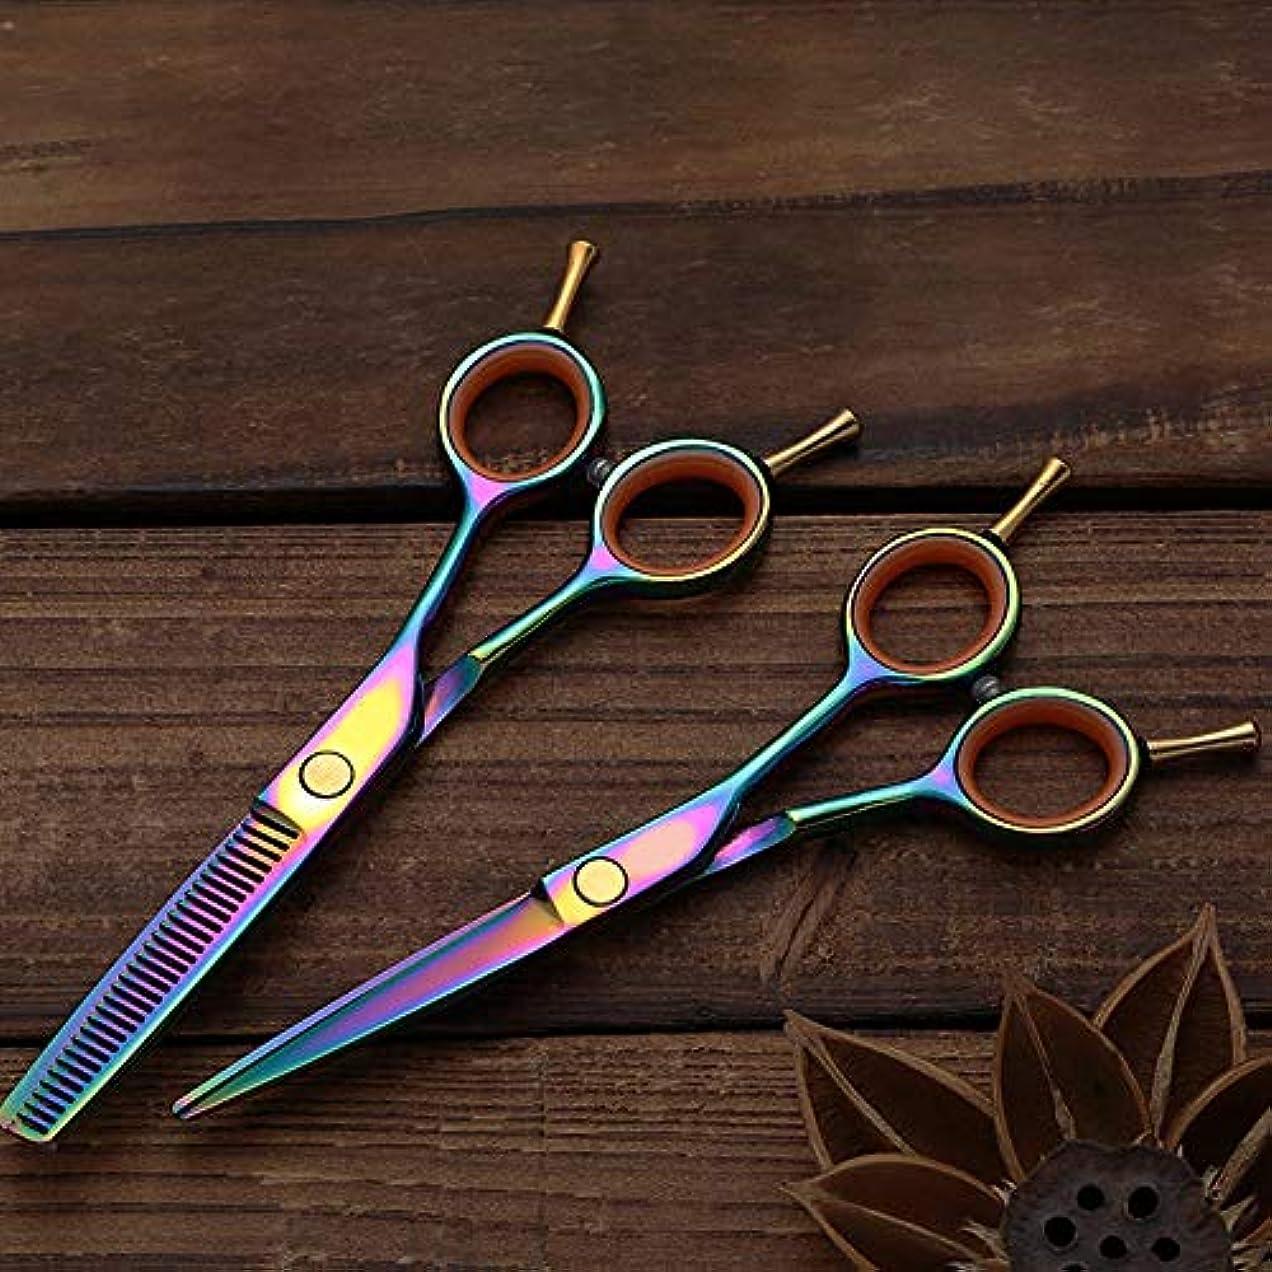 トラップに対して夜Hairdressing 多彩なめっきされた二重尾理髪はさみ、平らな+歯はさみ専門の理髪セットの毛の切断はさみのステンレス製の理髪師のはさみ (色 : カラフル)